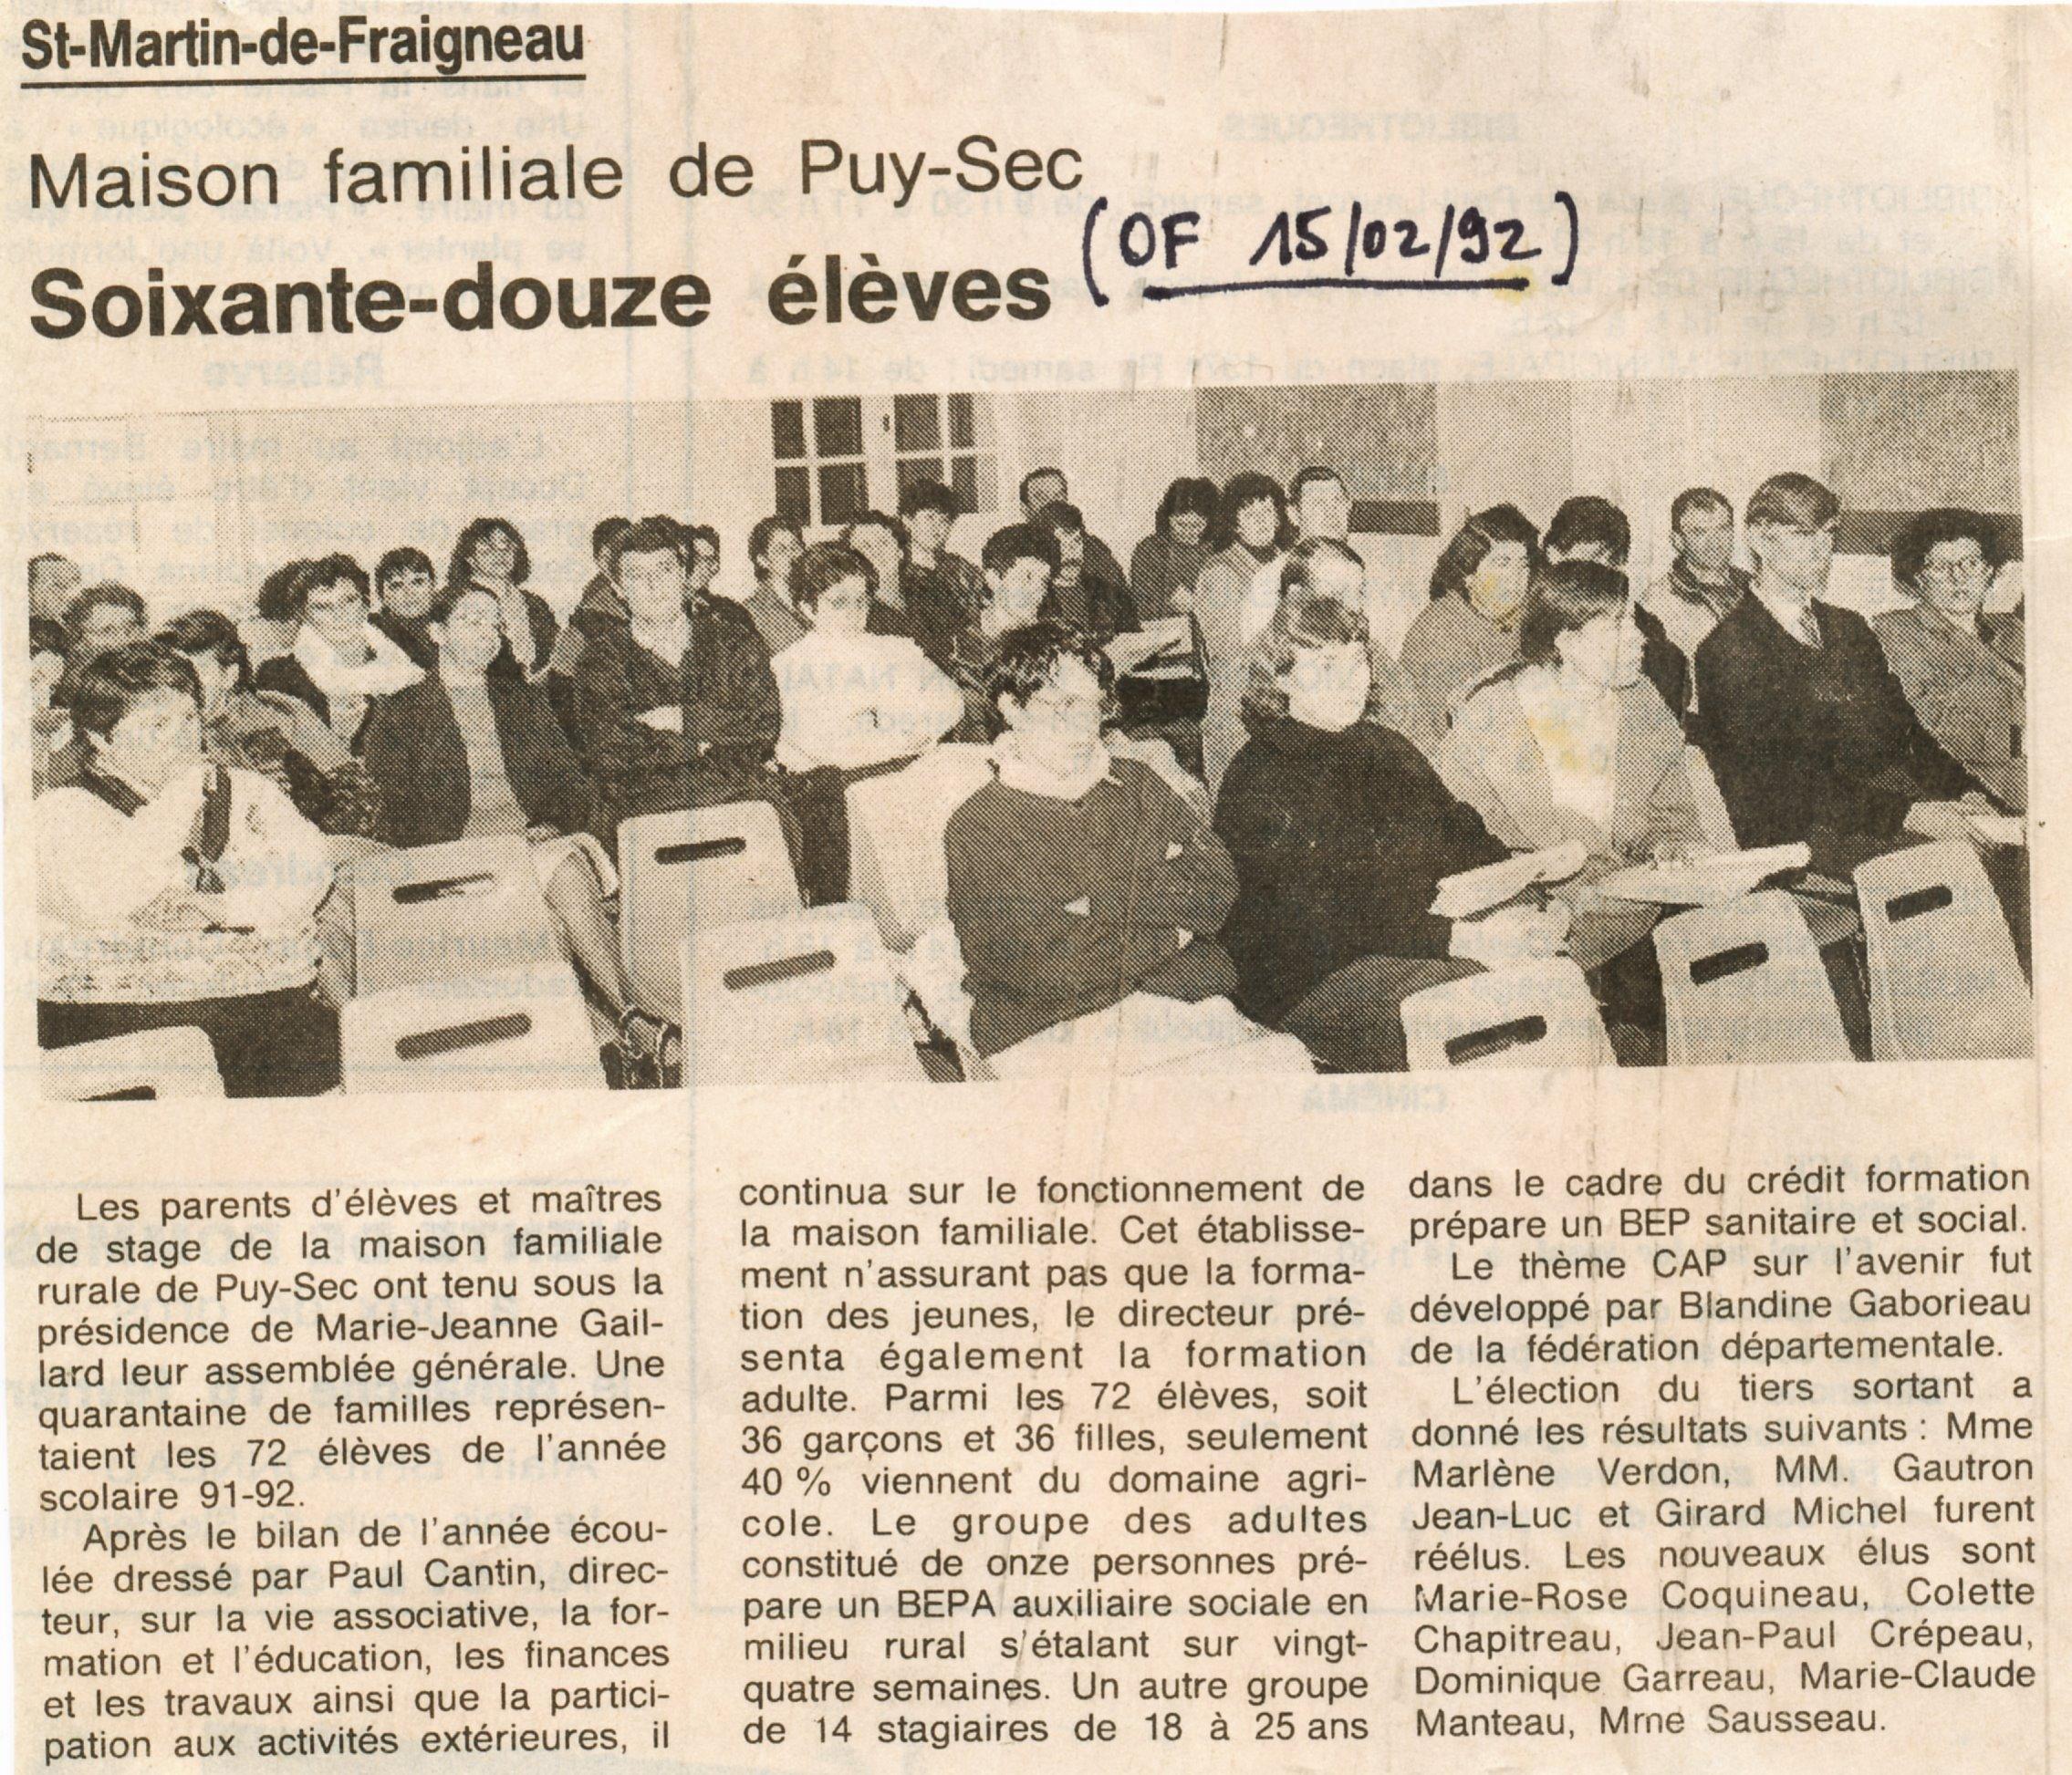 Archives anciens élèves mfr puy-sec 1992 (4)